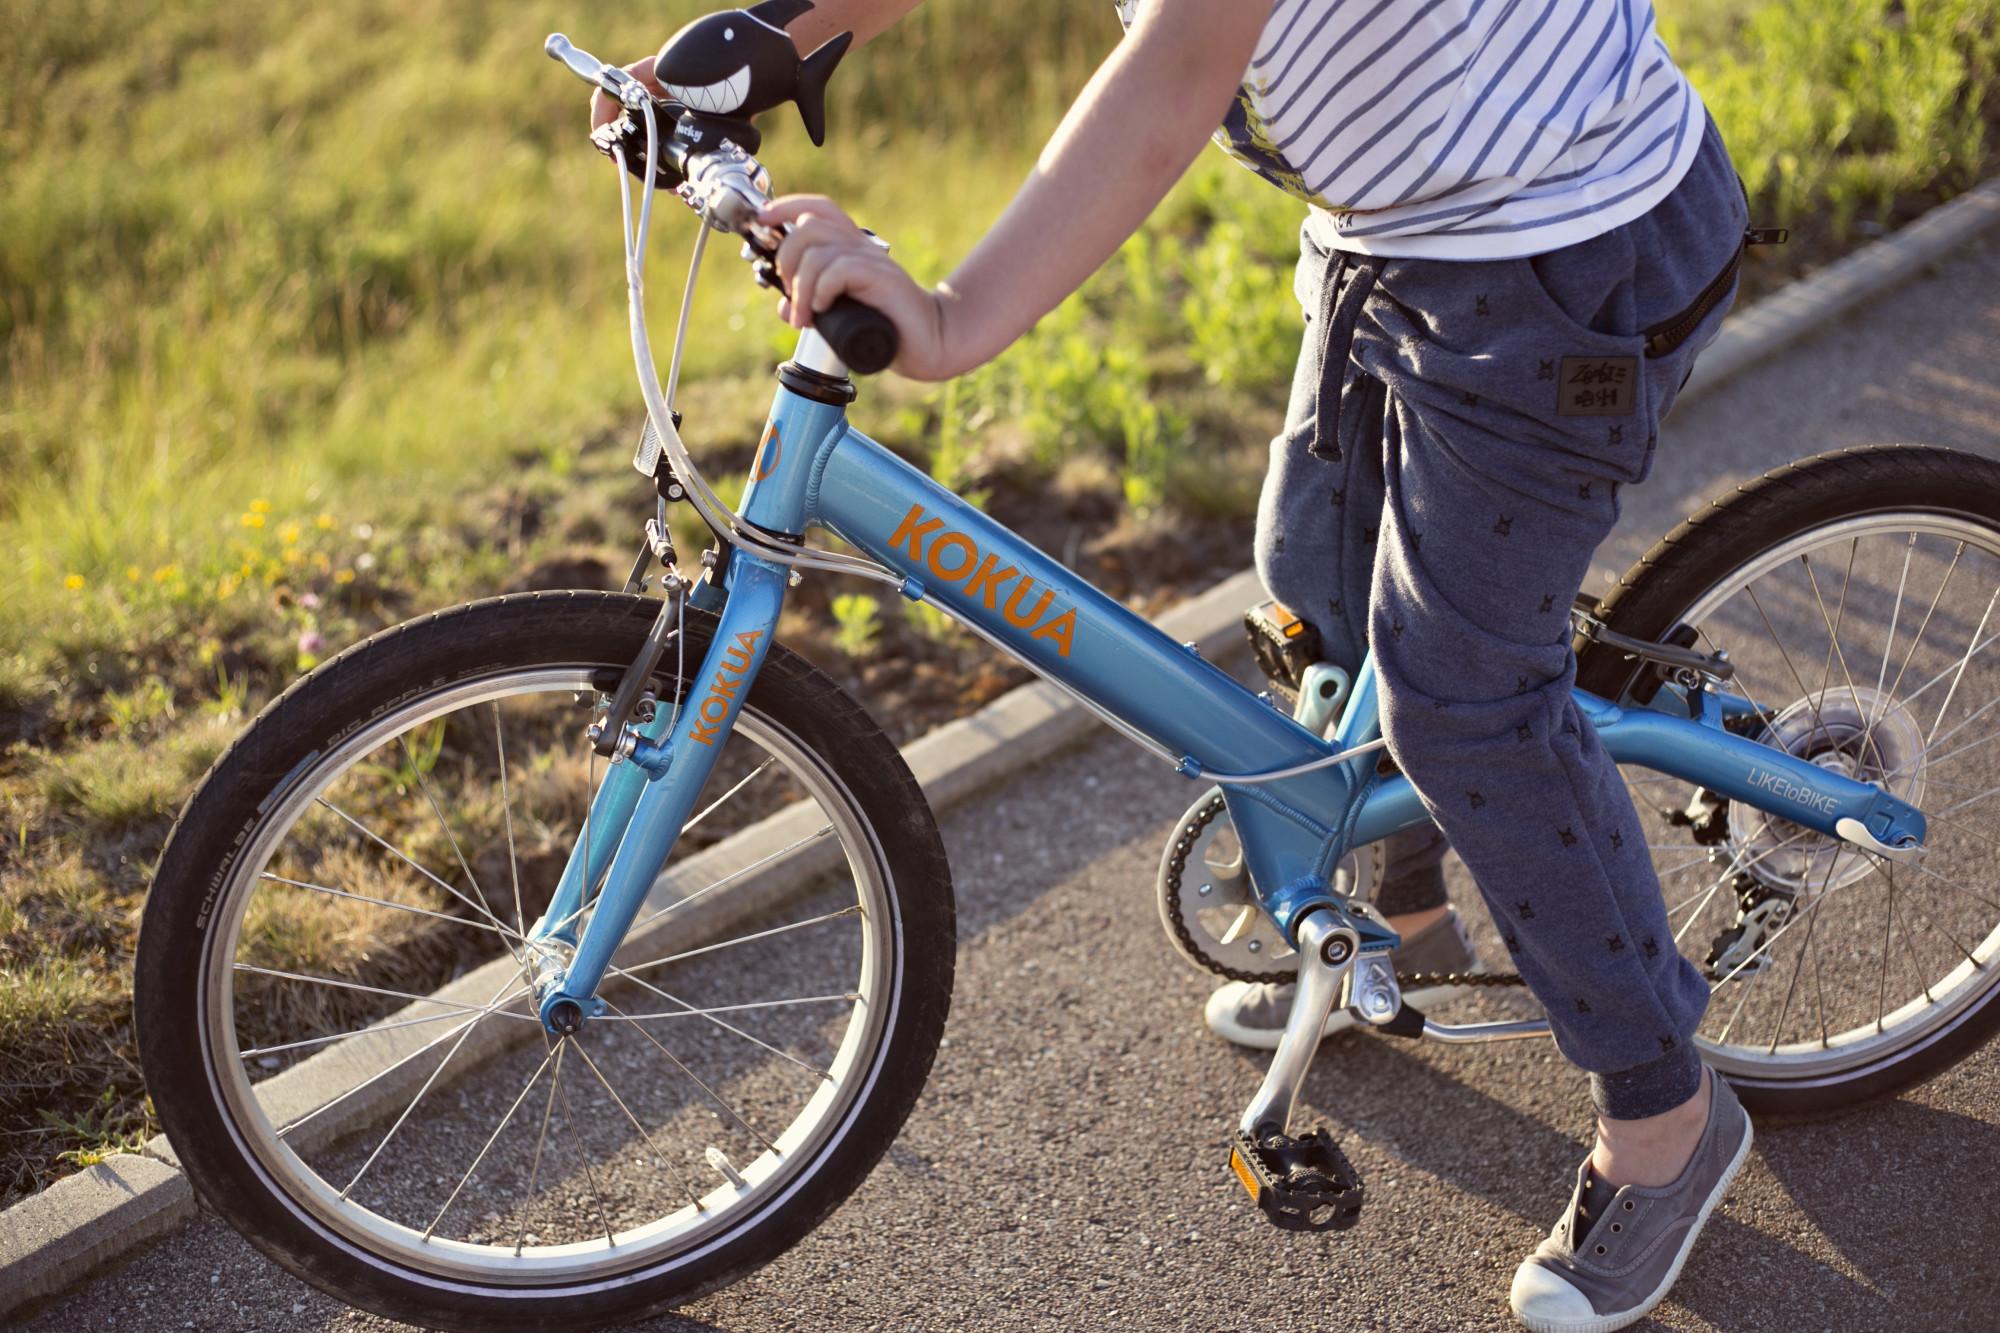 rower kokua, kokua bike